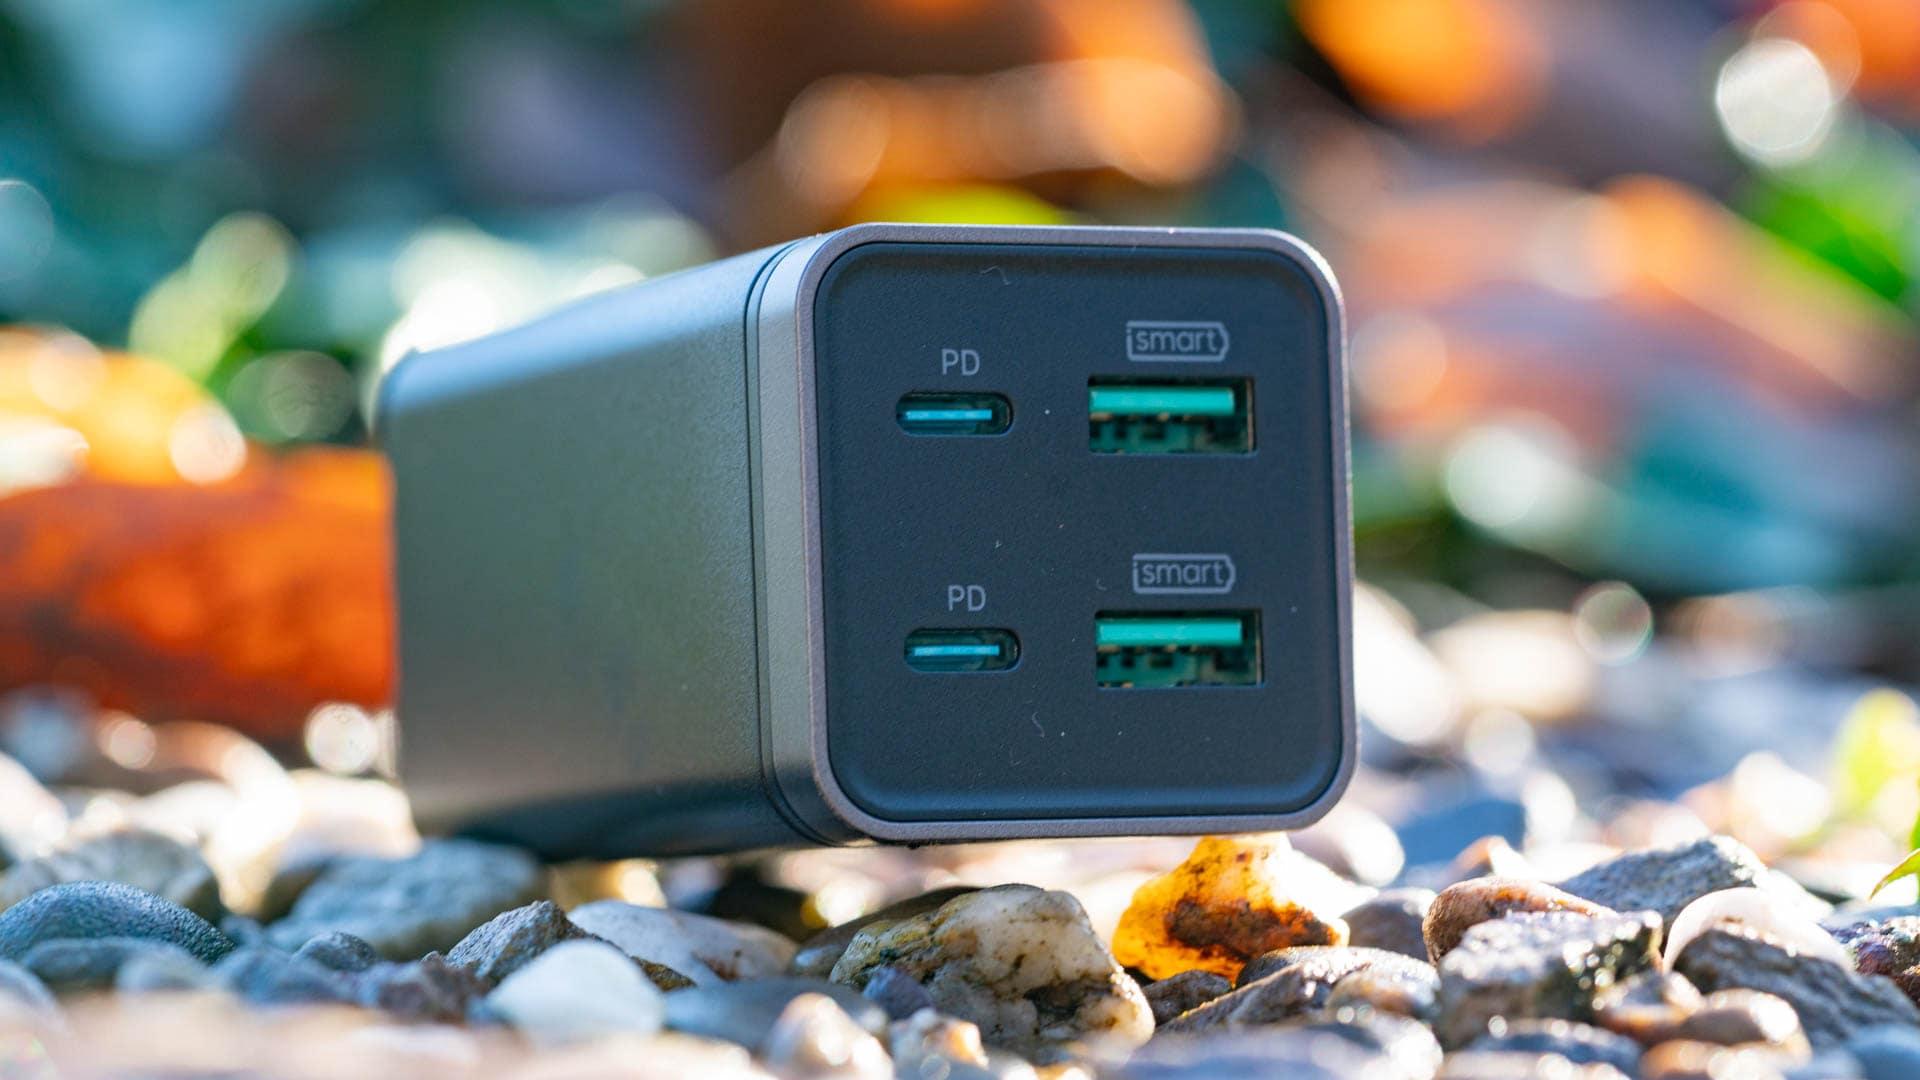 Empfehlung: Das RAVPower RP-PC136 PD Pioneer 65W 4 Port Ladegerät im Test